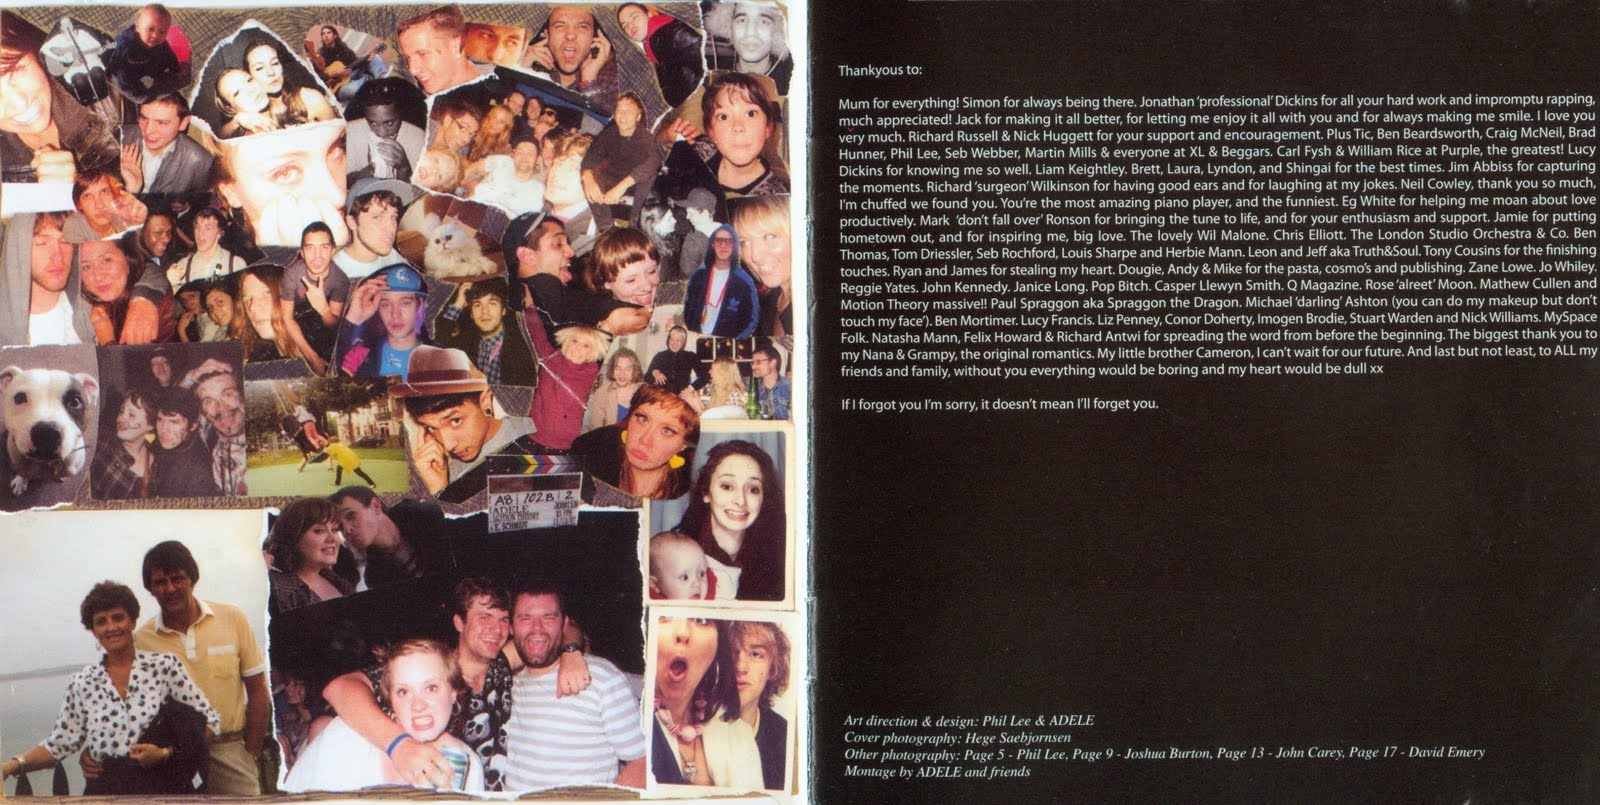 http://1.bp.blogspot.com/-23AwFK1qiAo/TbLVO0Oc38I/AAAAAAAABcg/-YFNGvrMXNI/s1600/Booklet-9.jpg